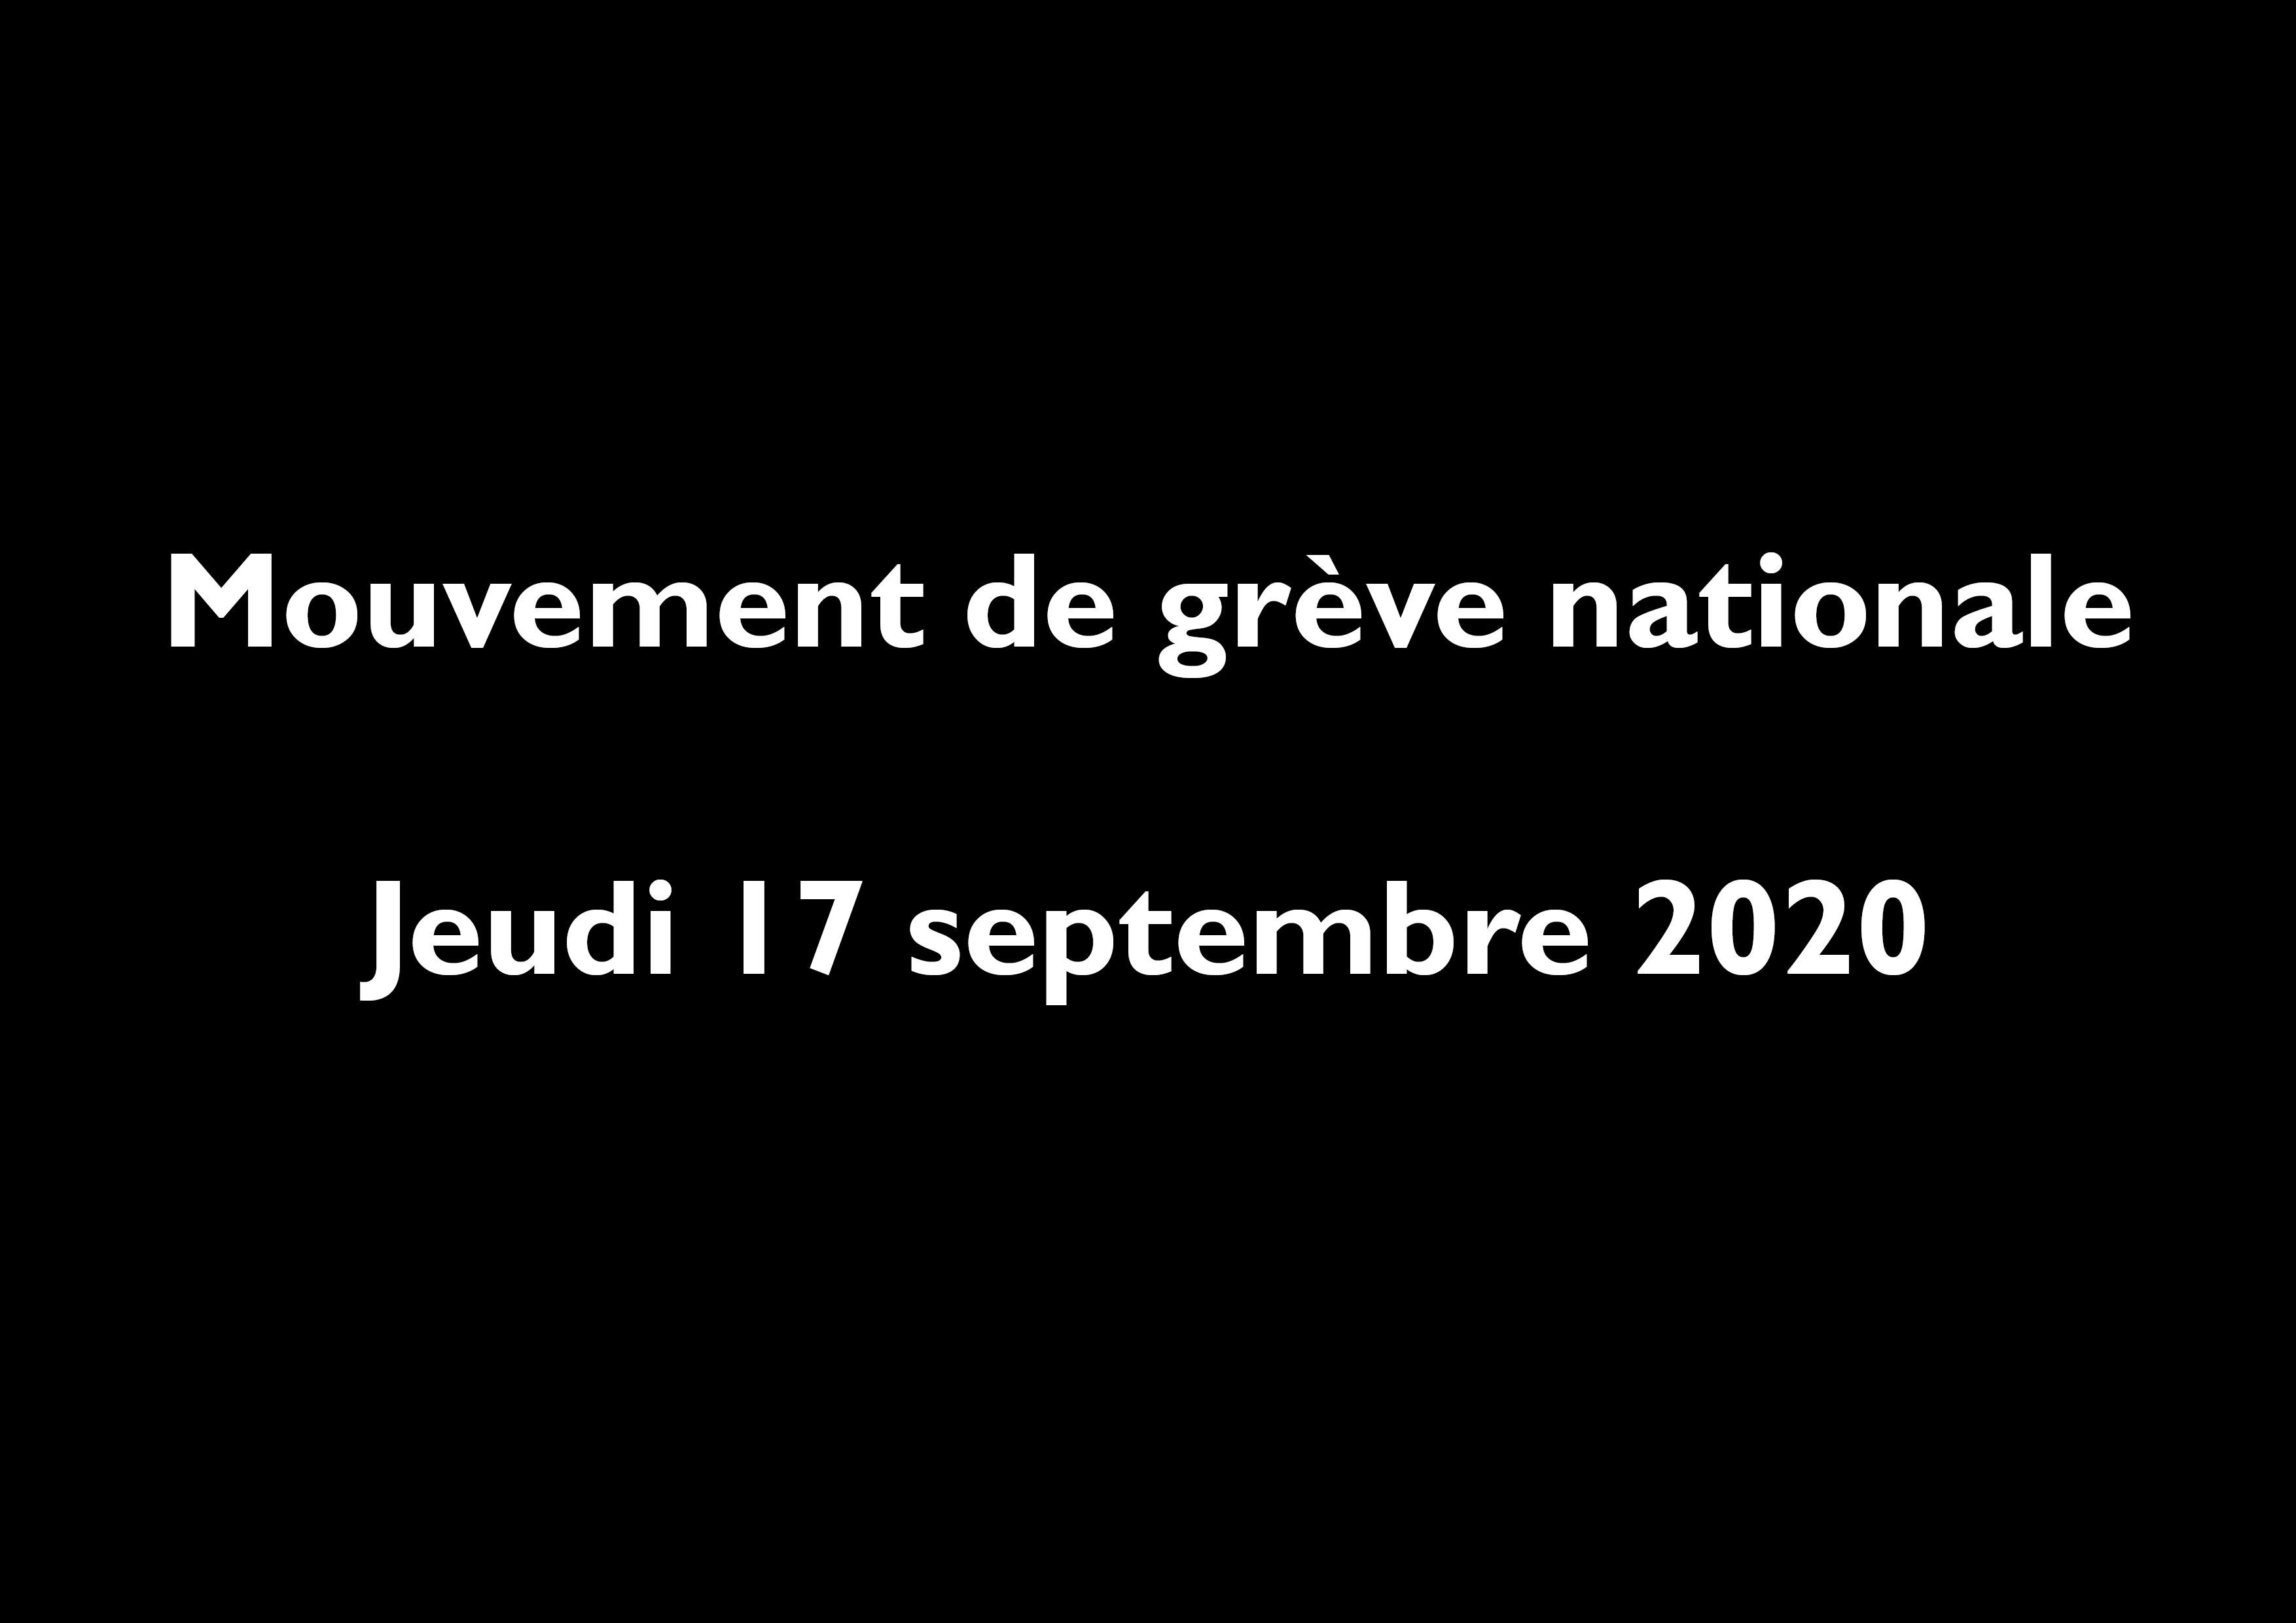 Mouvement de grève nationale